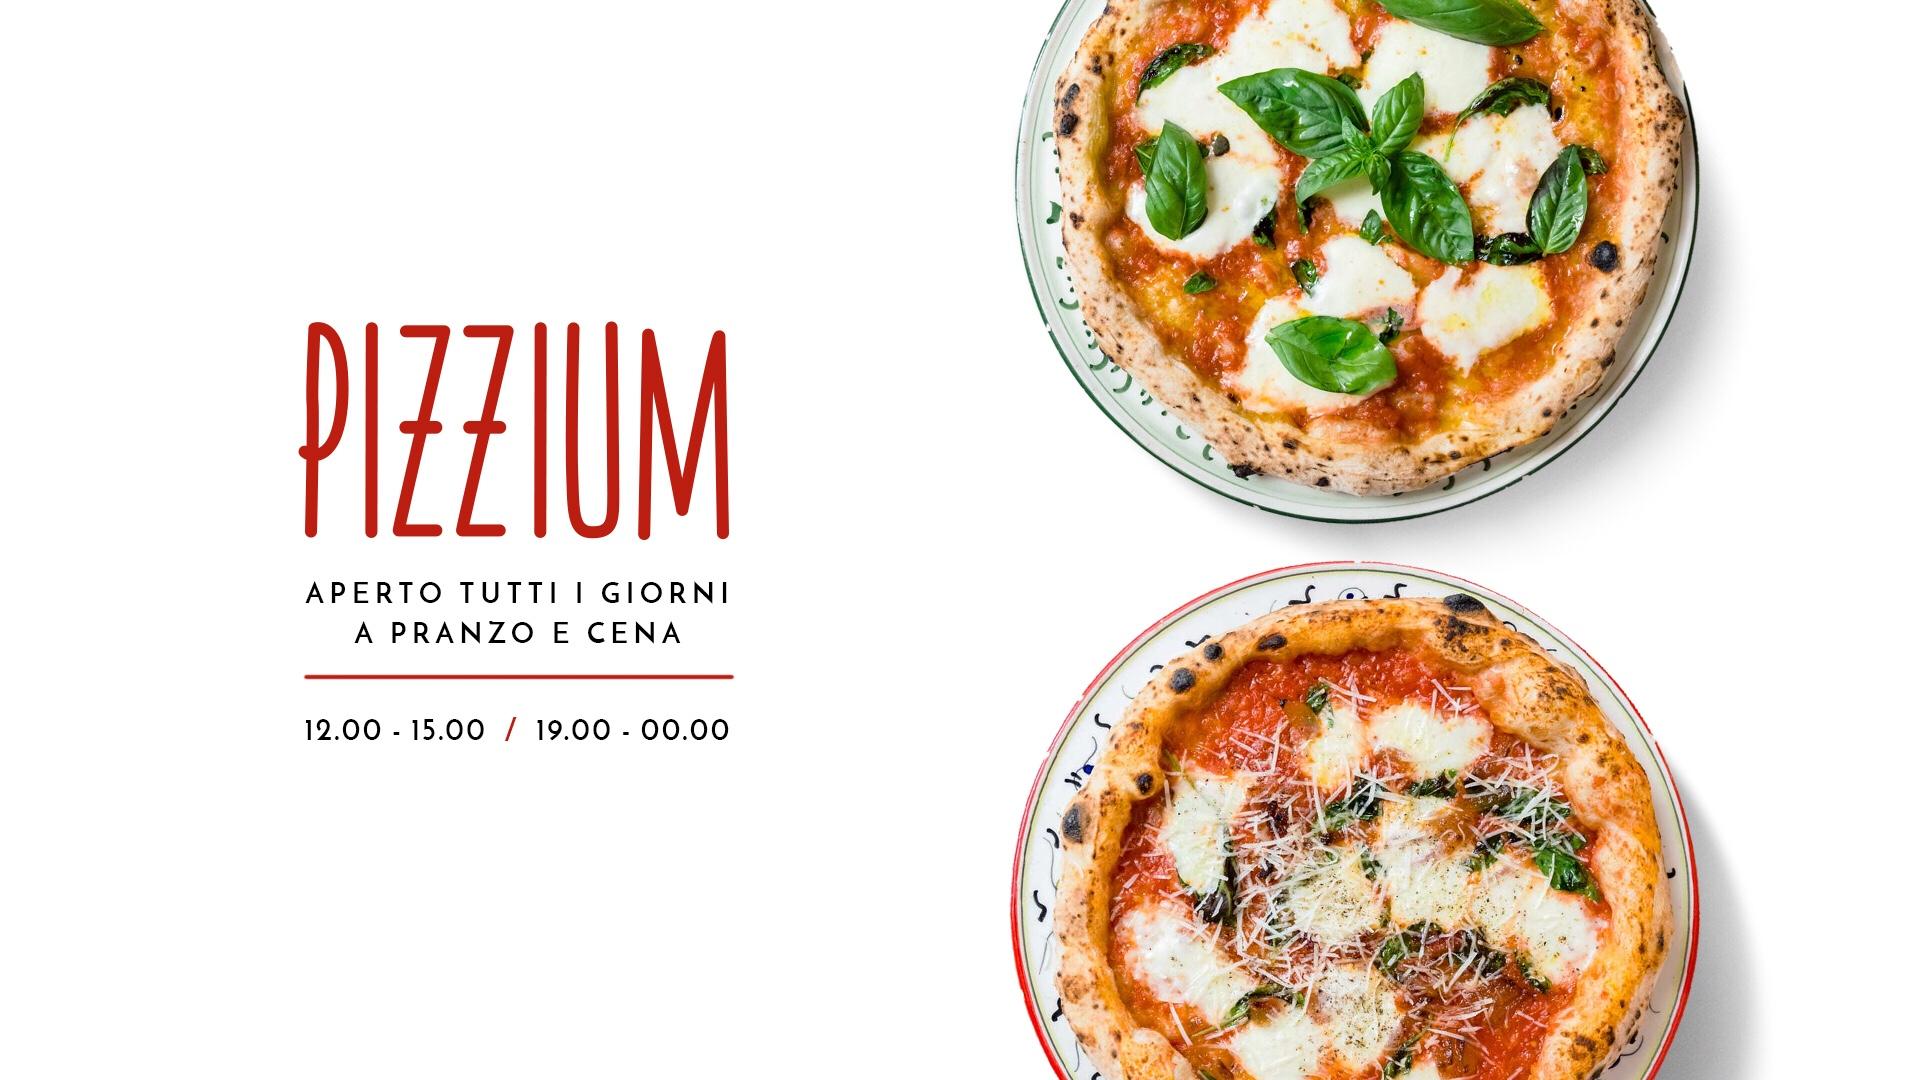 pizzium milano